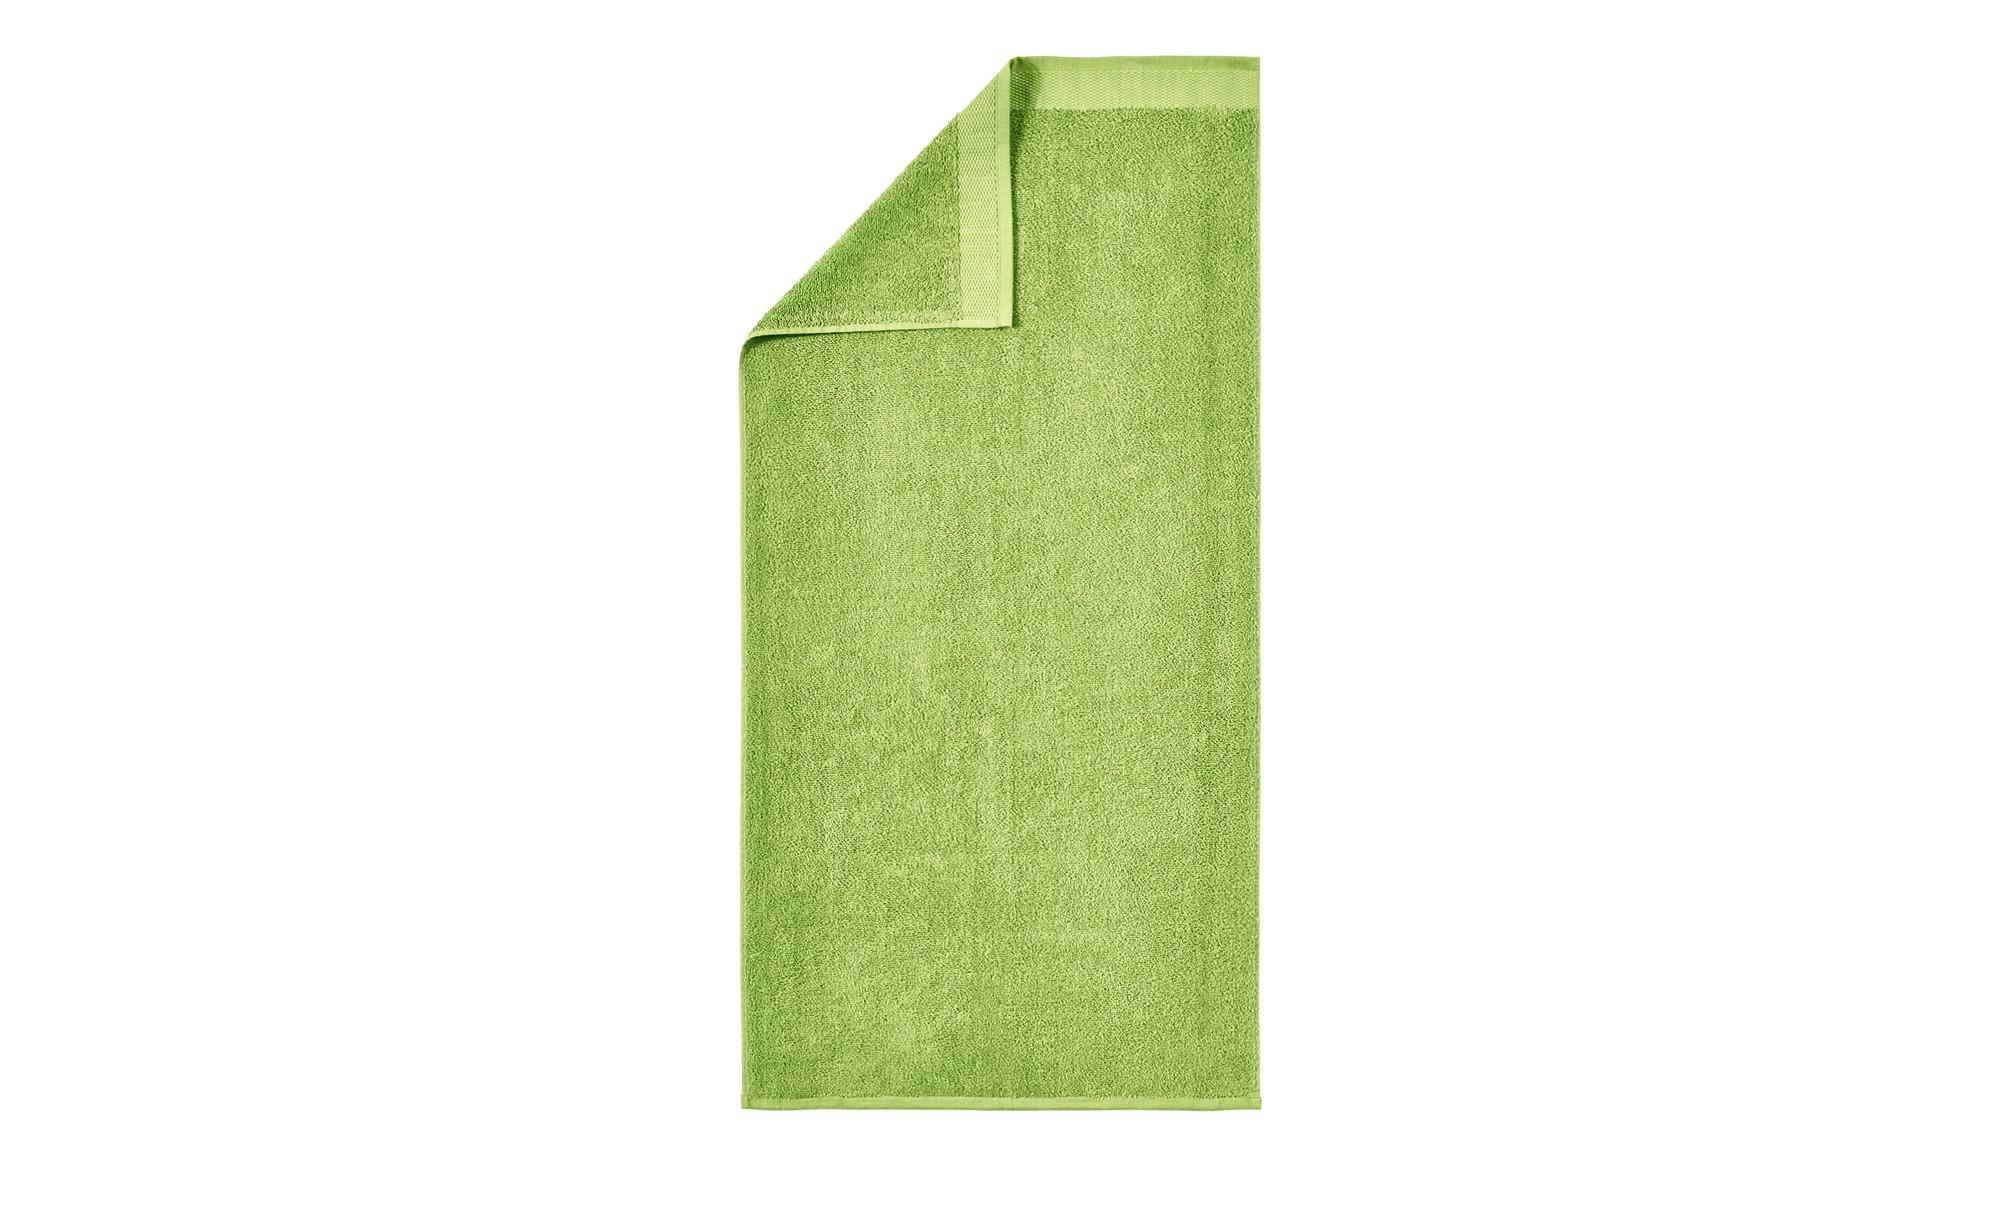 HOME STORY Badetuch  Bubble ¦ grün ¦ reine Baumwolle (100% Baumwolle) ¦ Maße (cm): B: 100 Badtextilien und Zubehör > Handtücher & Badetücher > Badetücher & Saunatücher - Höffner